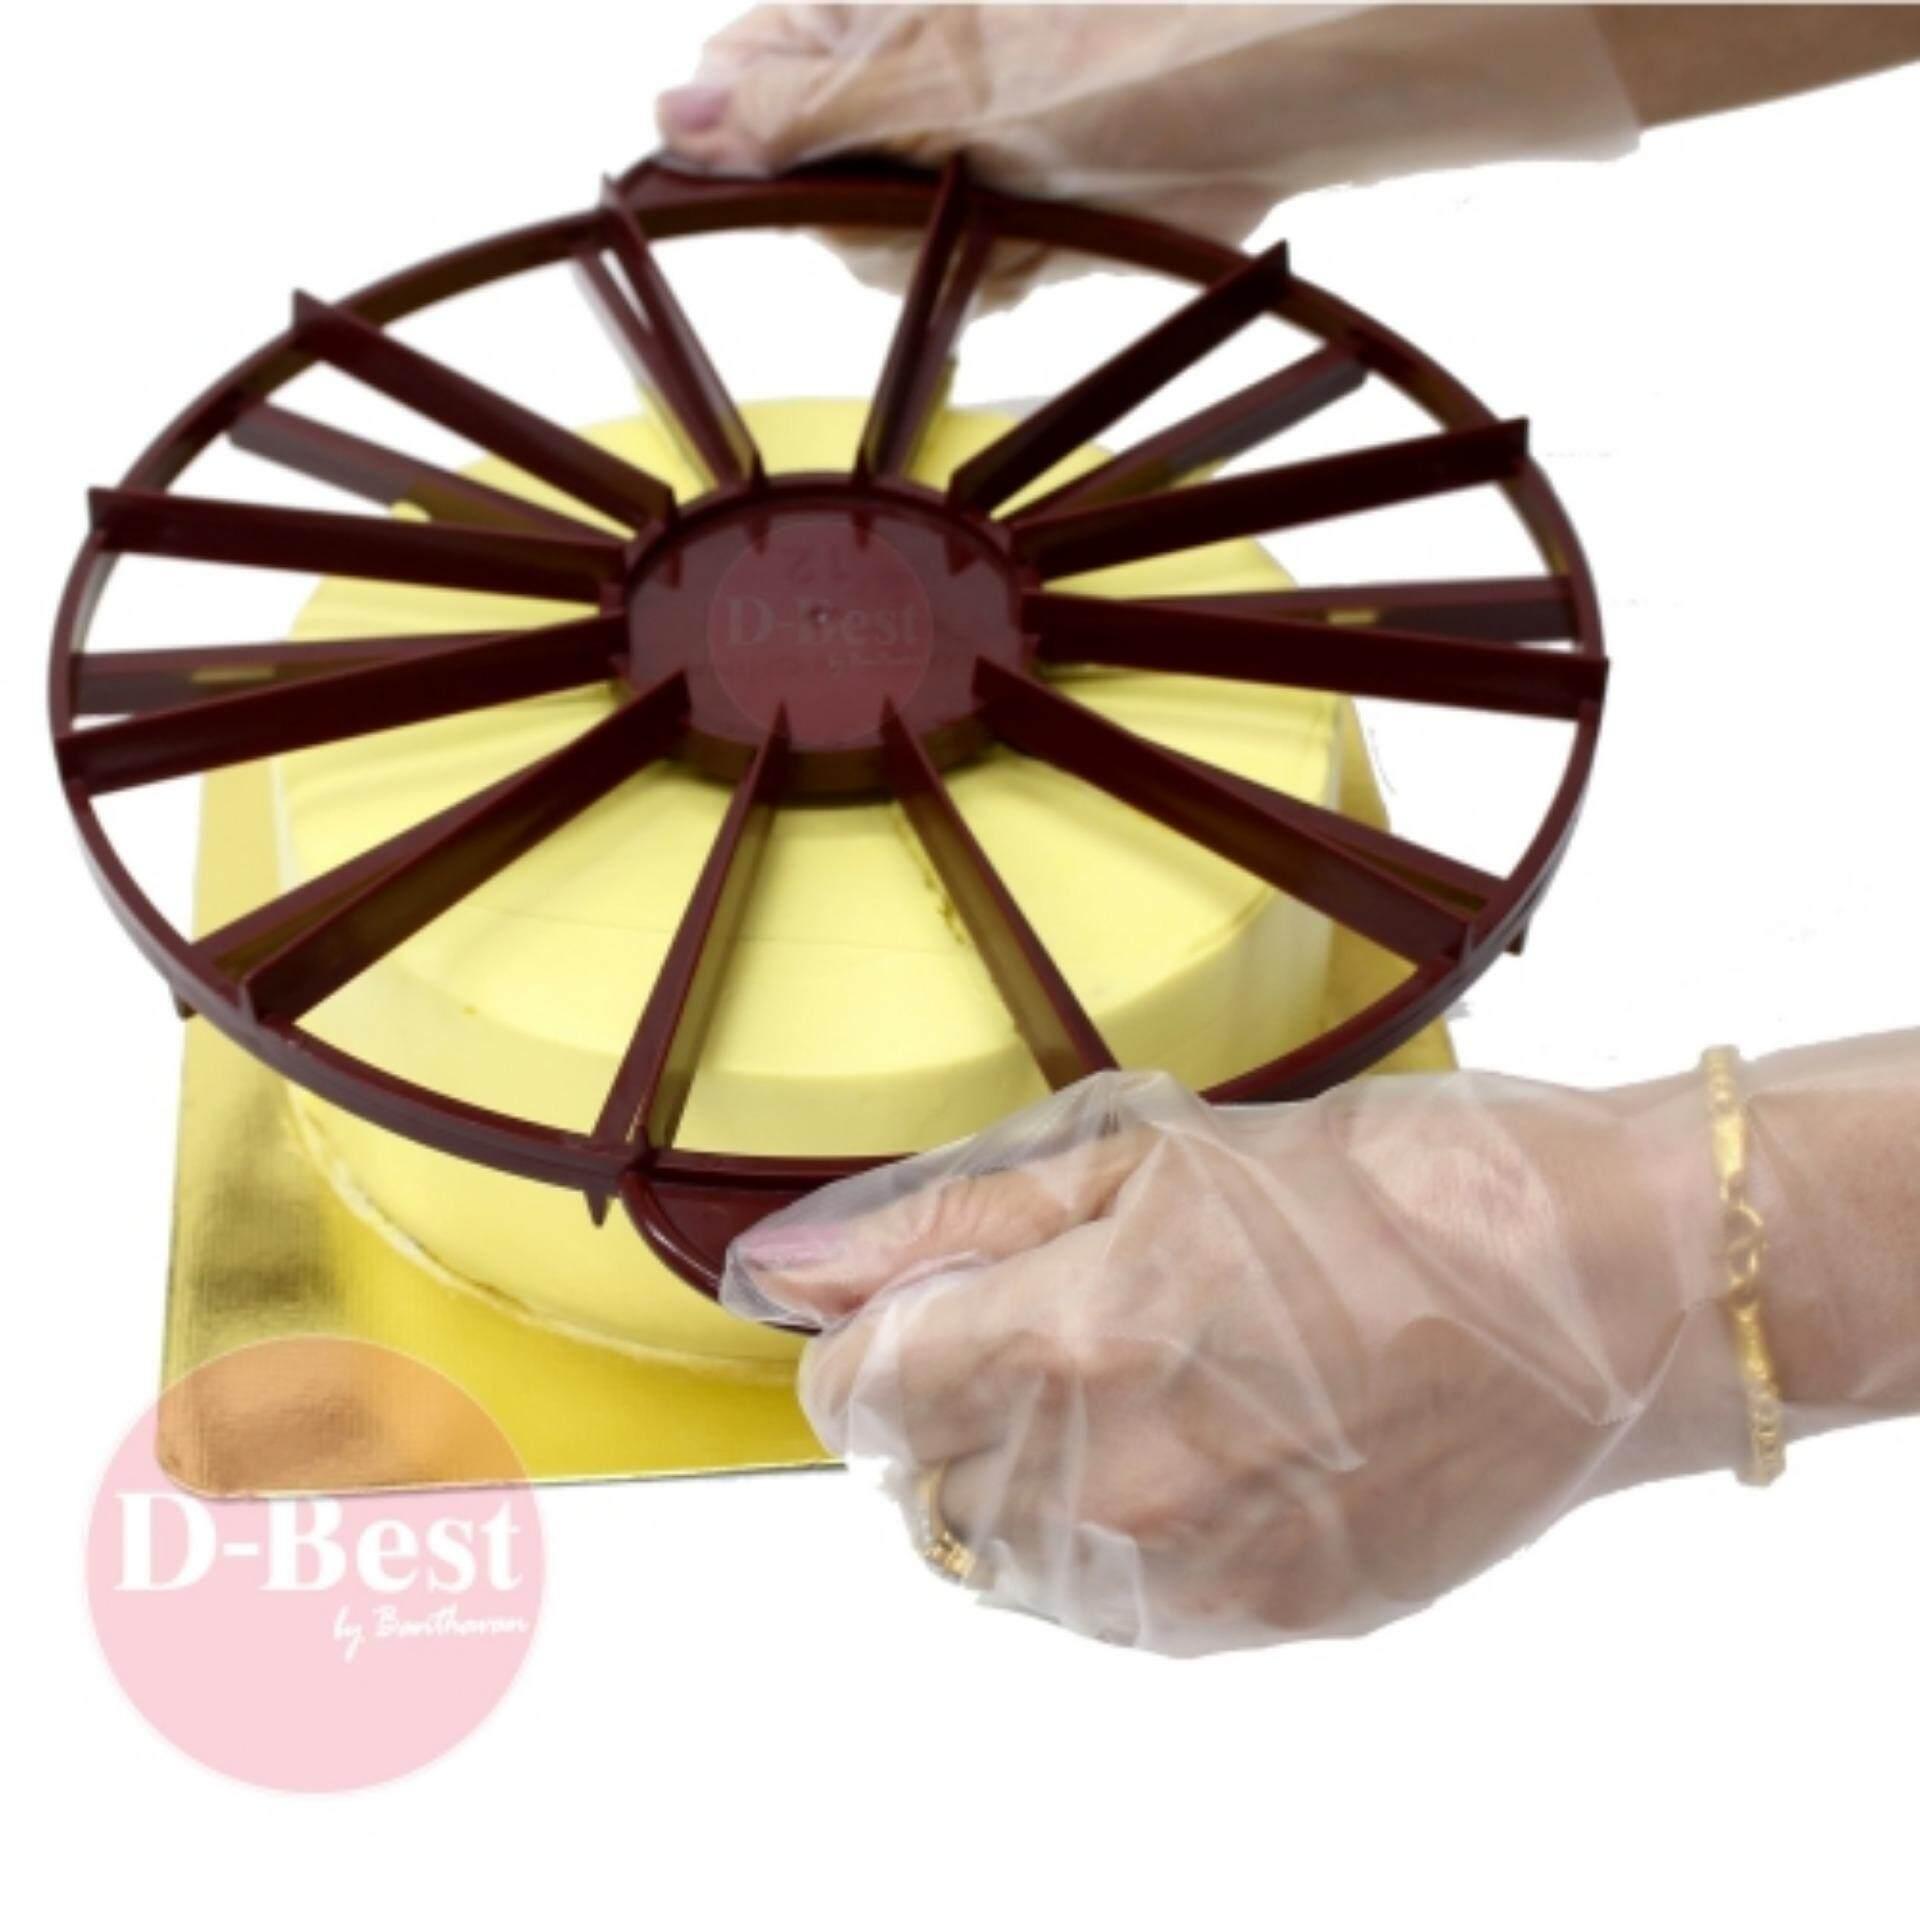 ที่แบ่งเค้ก Cake Devider Ring